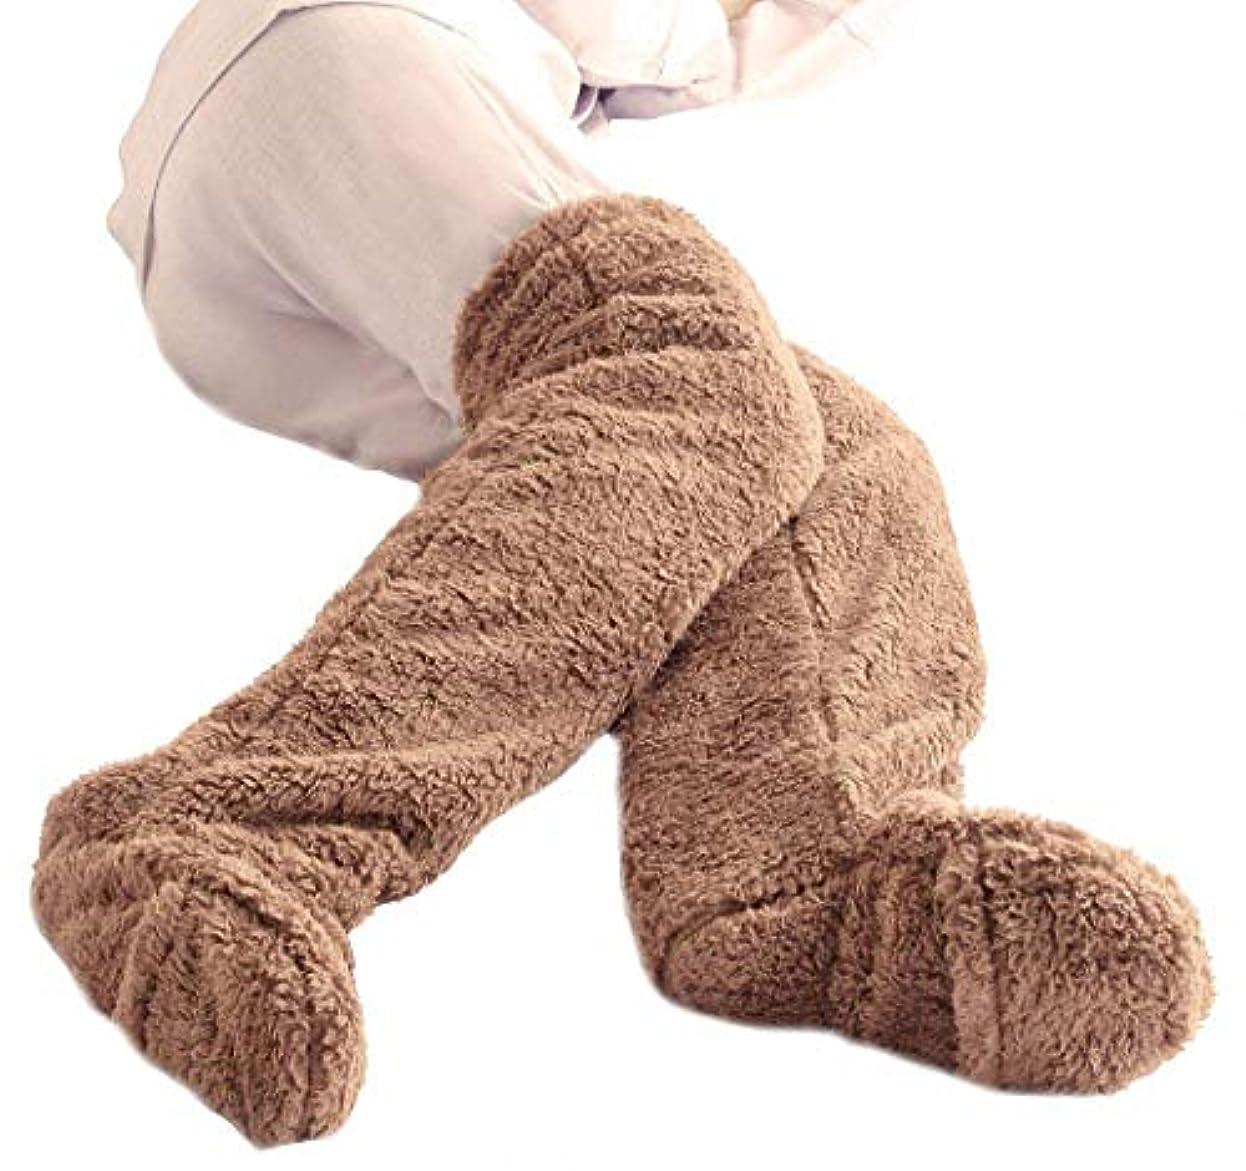 子供達有能な現象フリース生地 室内履き 足が出せるロングカバー 軽量ヒートソックス 歩ける ロングカバー 極暖 ルームソックスルームシューズ